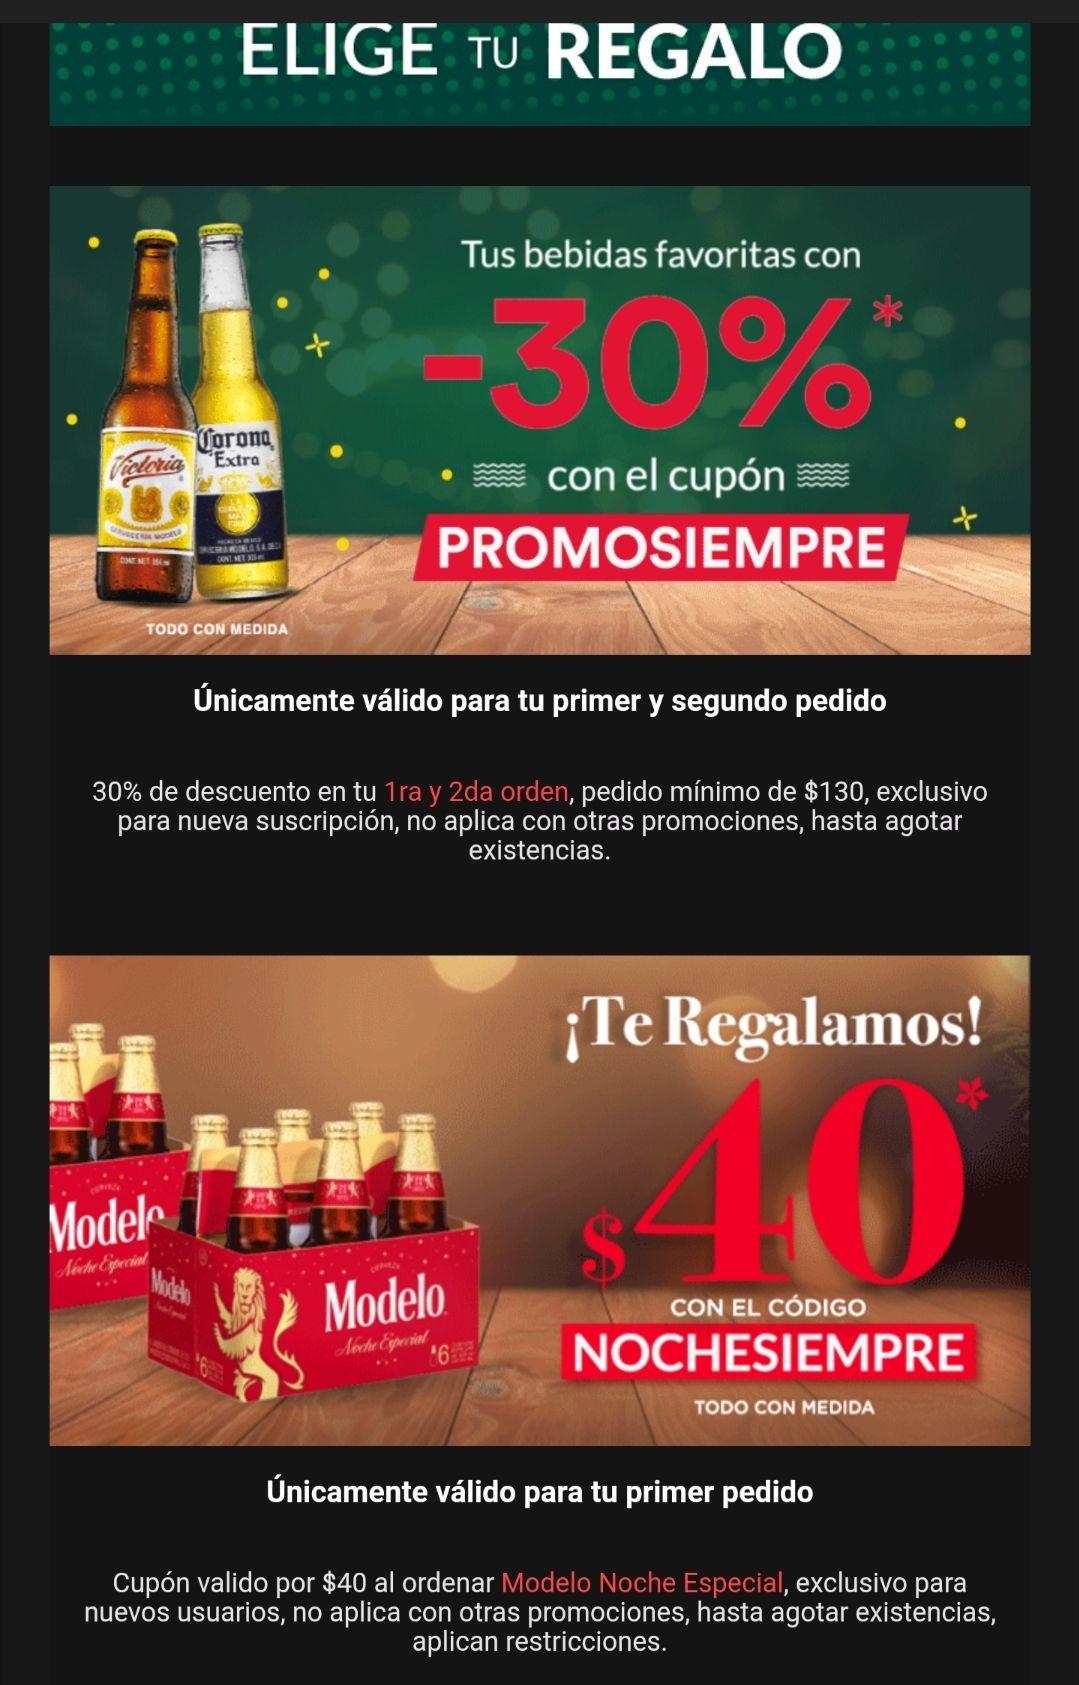 Cerveza siempre: 30% de descuento en primera y segunda compra y $40 pesos de descuento en primera compra (solo usuarios nuevos)